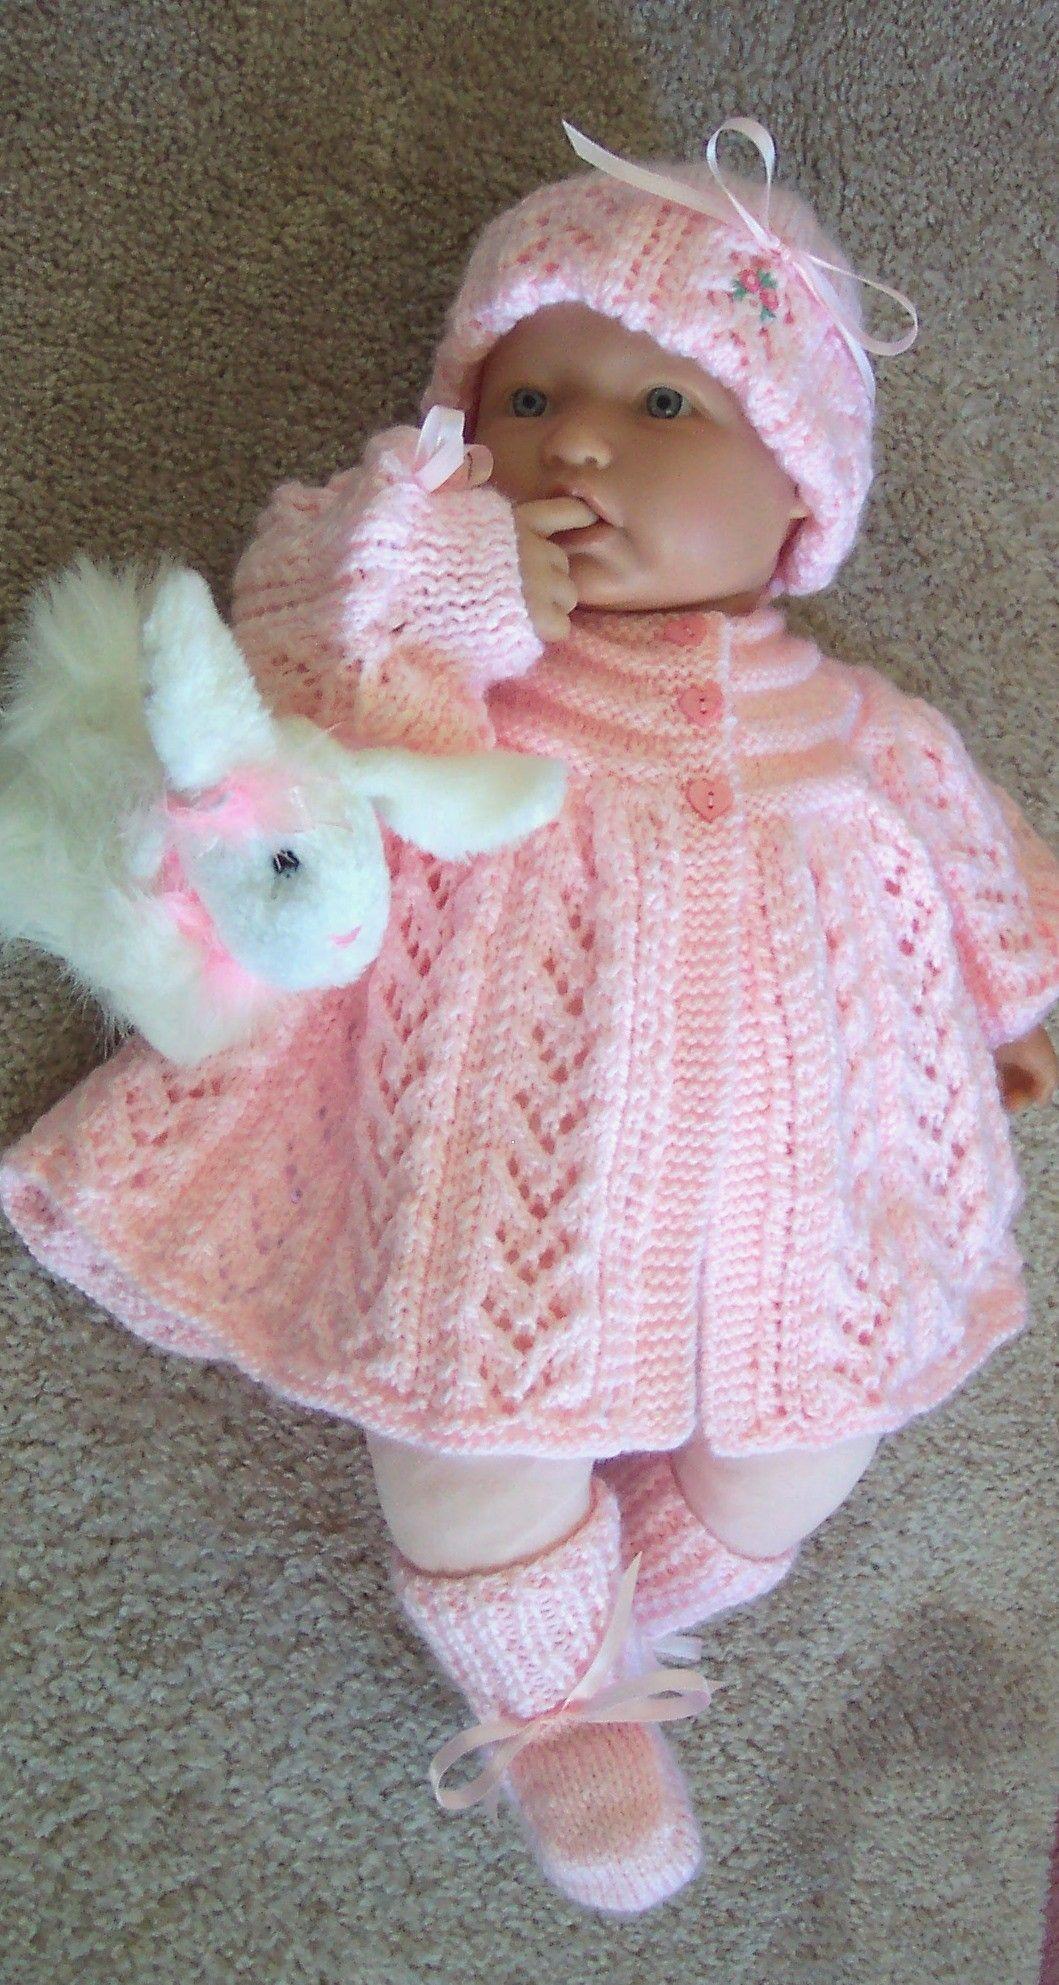 Handmade Knit Baby Girls Pink Sweater Set Beautiful Lace Pattern